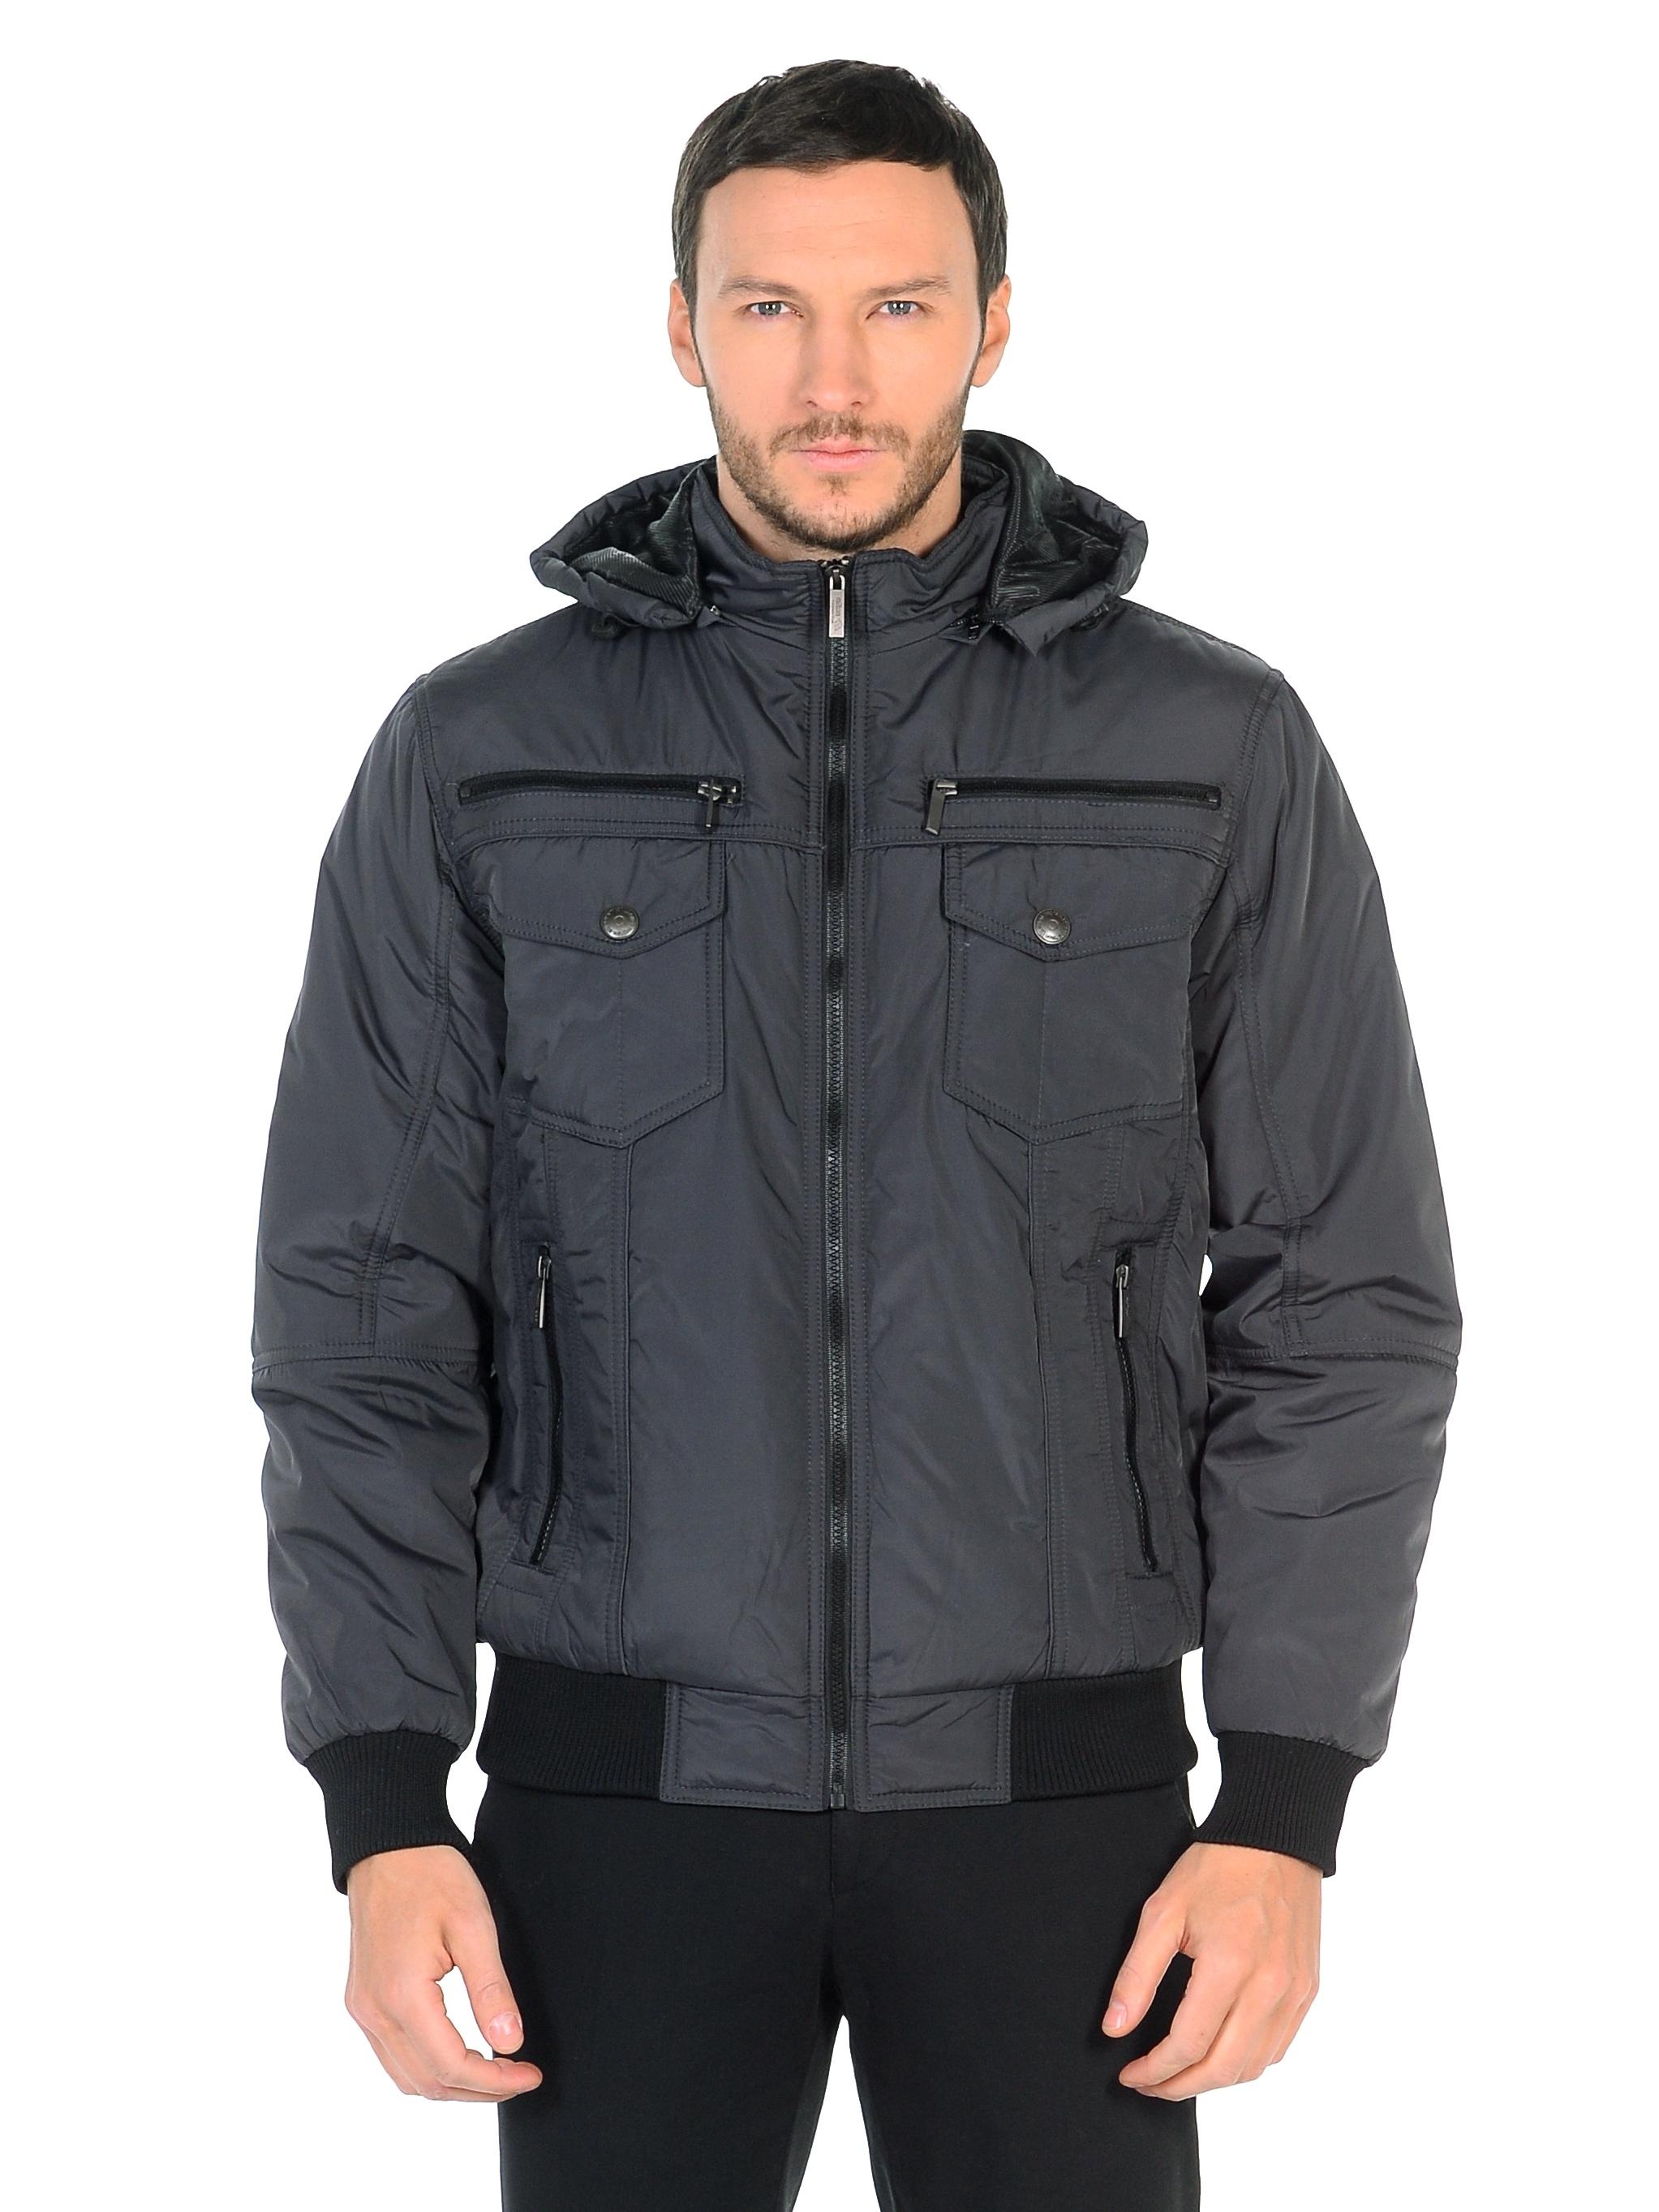 Мужская куртка из текстиля с капюшоном, без отделки<br><br>Воротник: съемный капюшон<br>Длина см: Средняя (75-89 )<br>Материал: Текстиль<br>Цвет: серый<br>Вид застежки: центральная<br>Застежка: на молнии<br>Пол: Мужской<br>Размер RU: 58